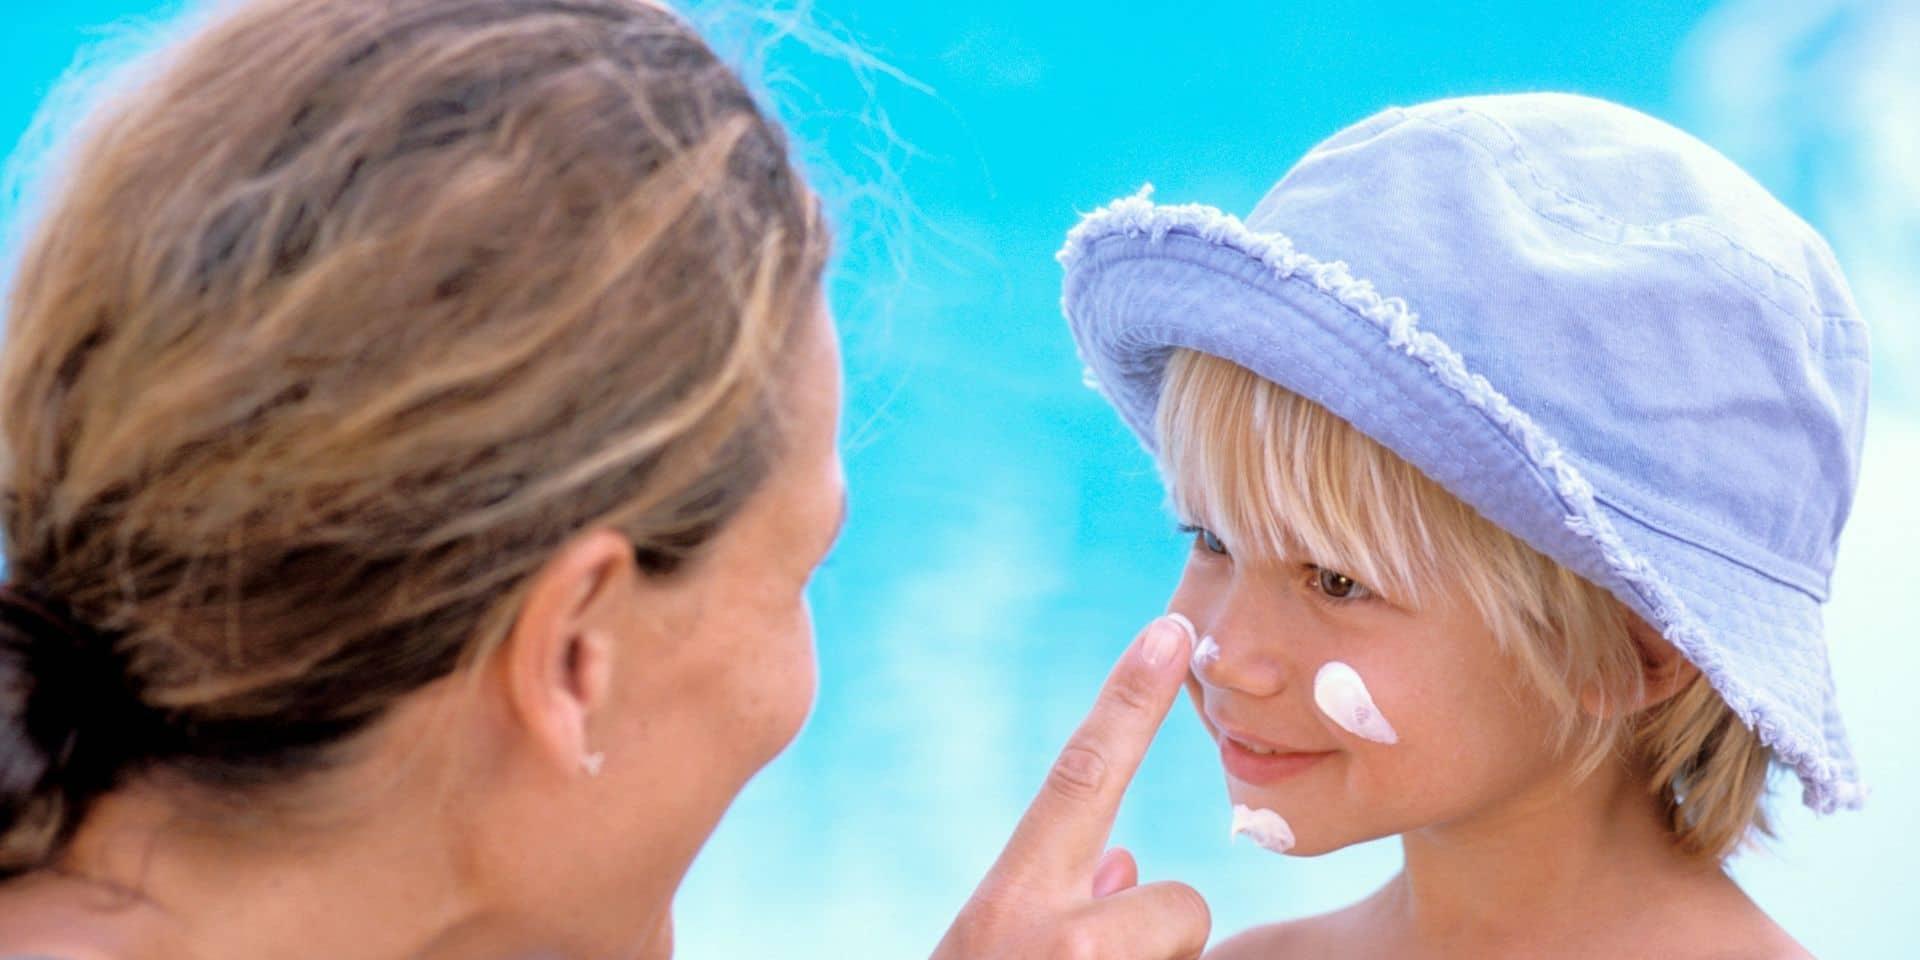 La crème solaire espagnole ISDIN retirée des rayons après les résultats ambigus d'un test